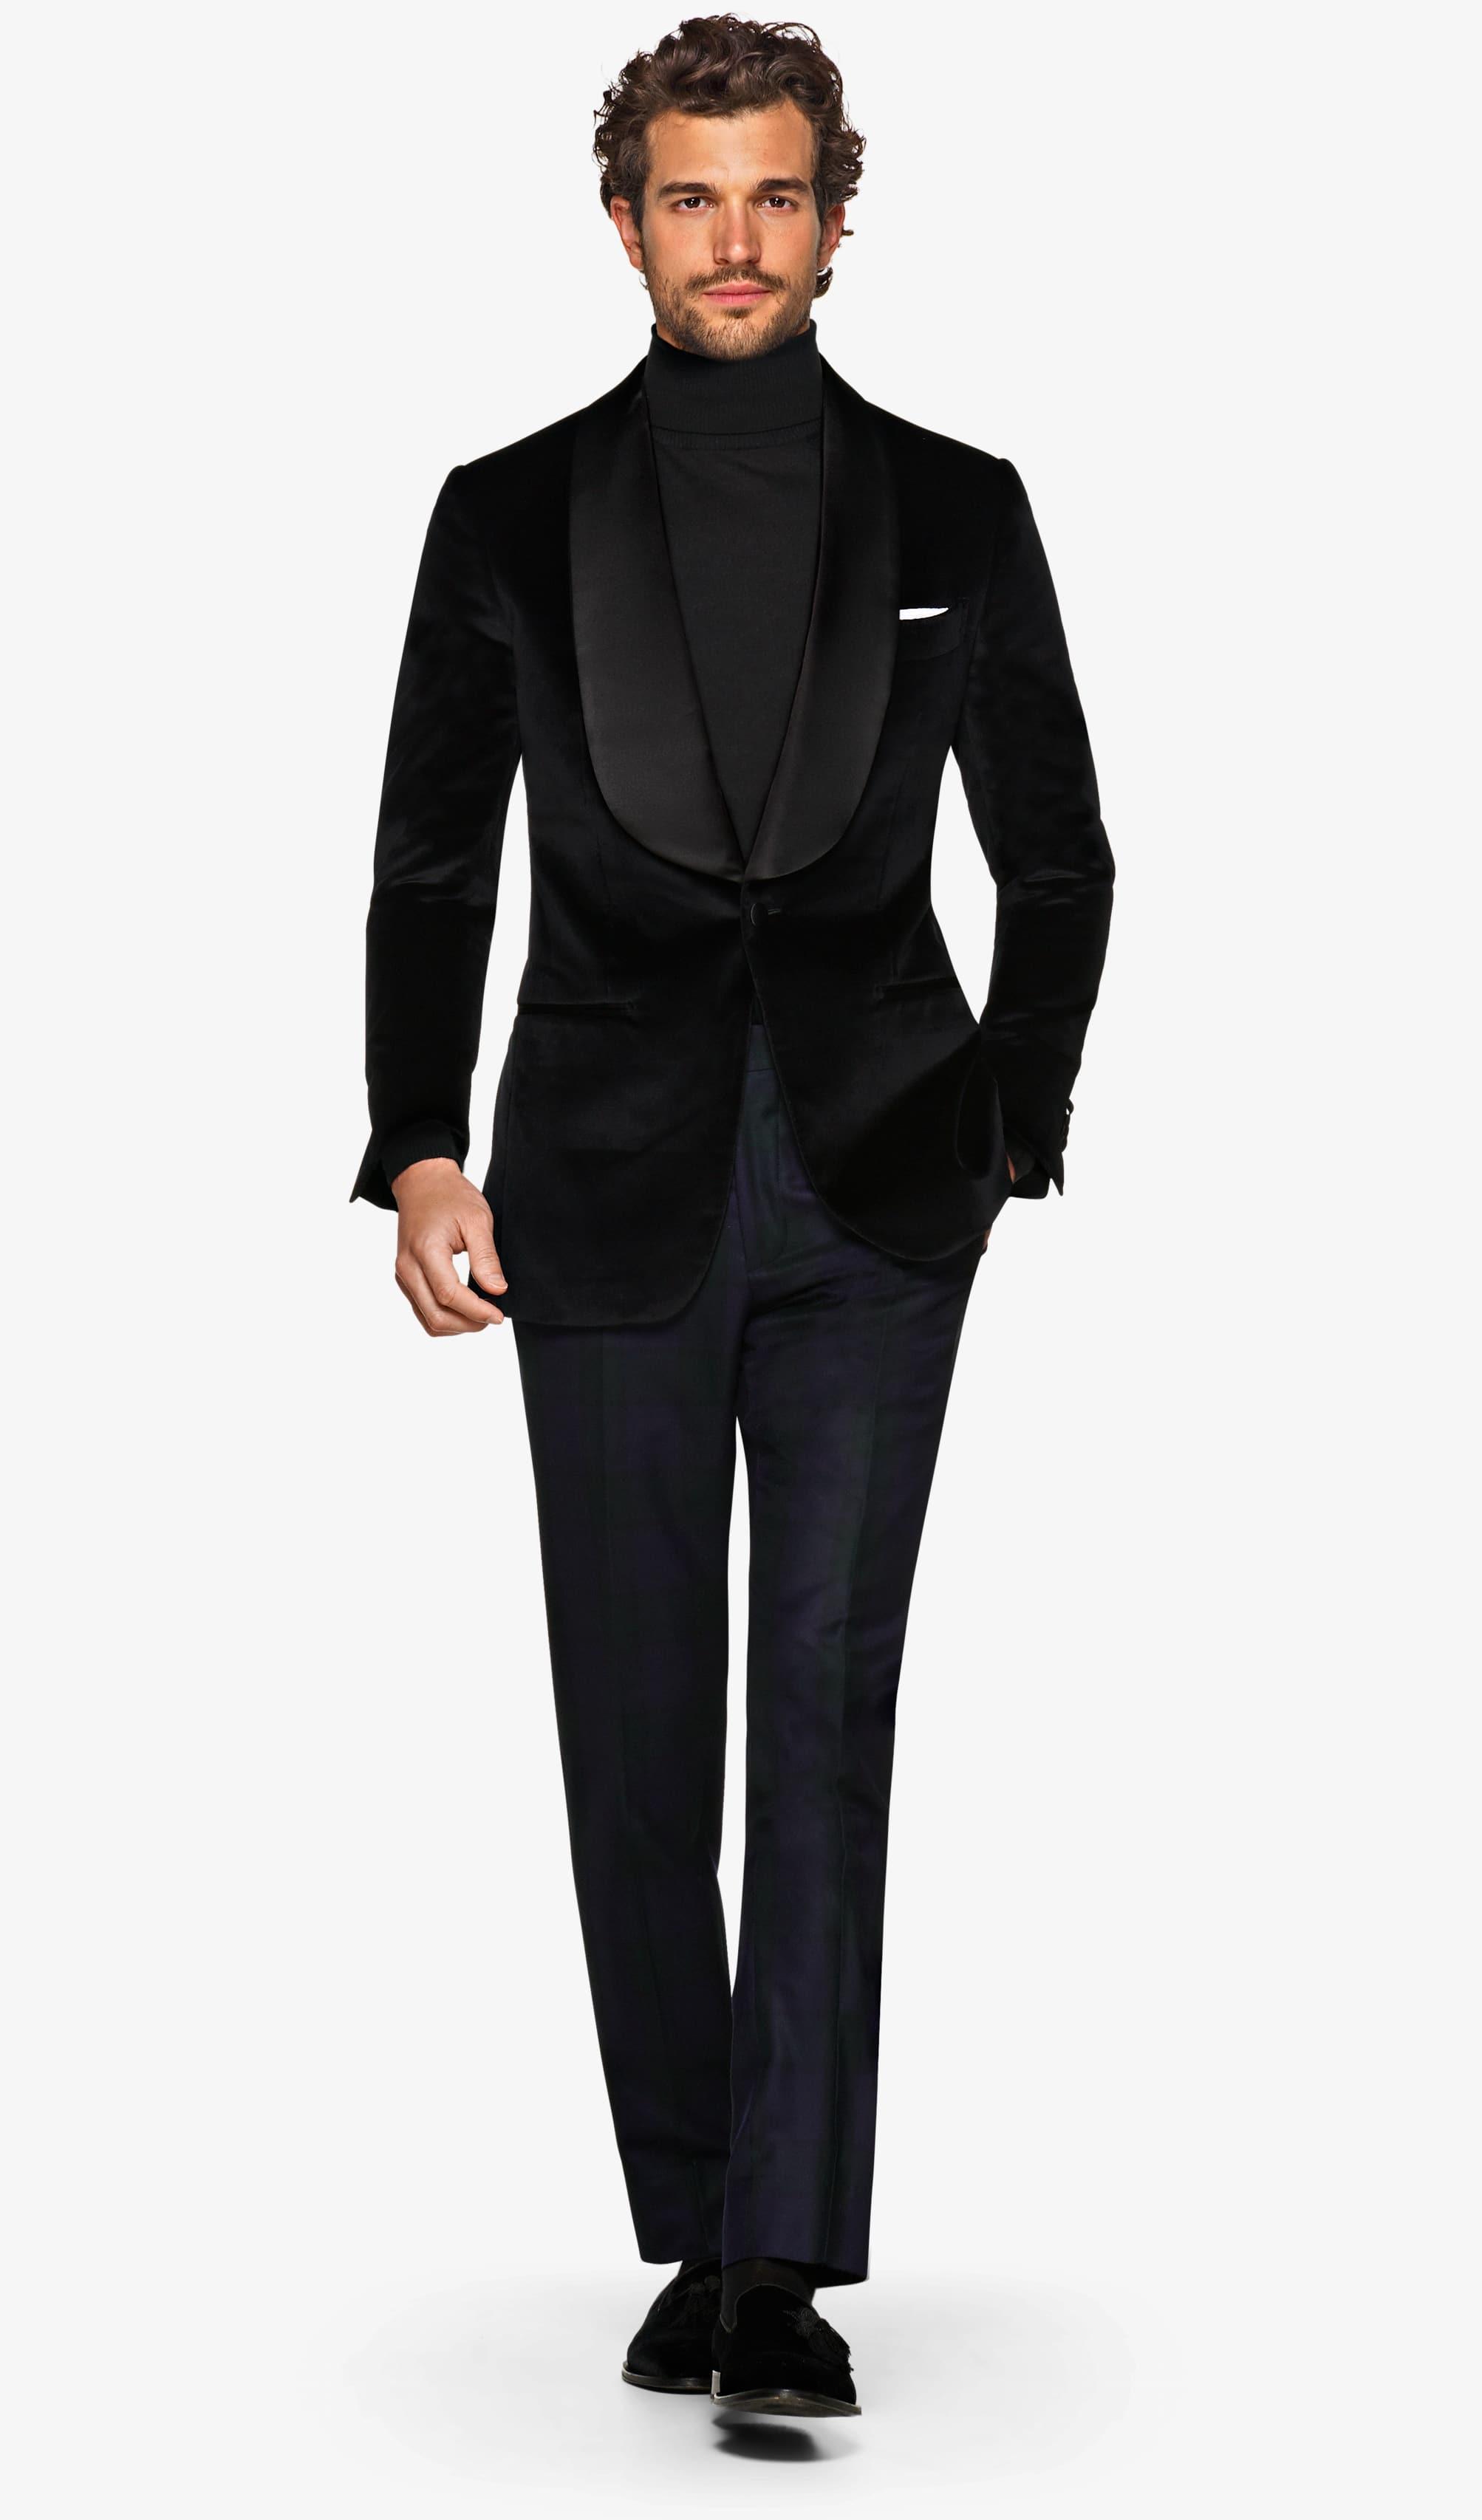 Jacket_Black_Plain_Washington_Shawl_Tuxedo_C1292I